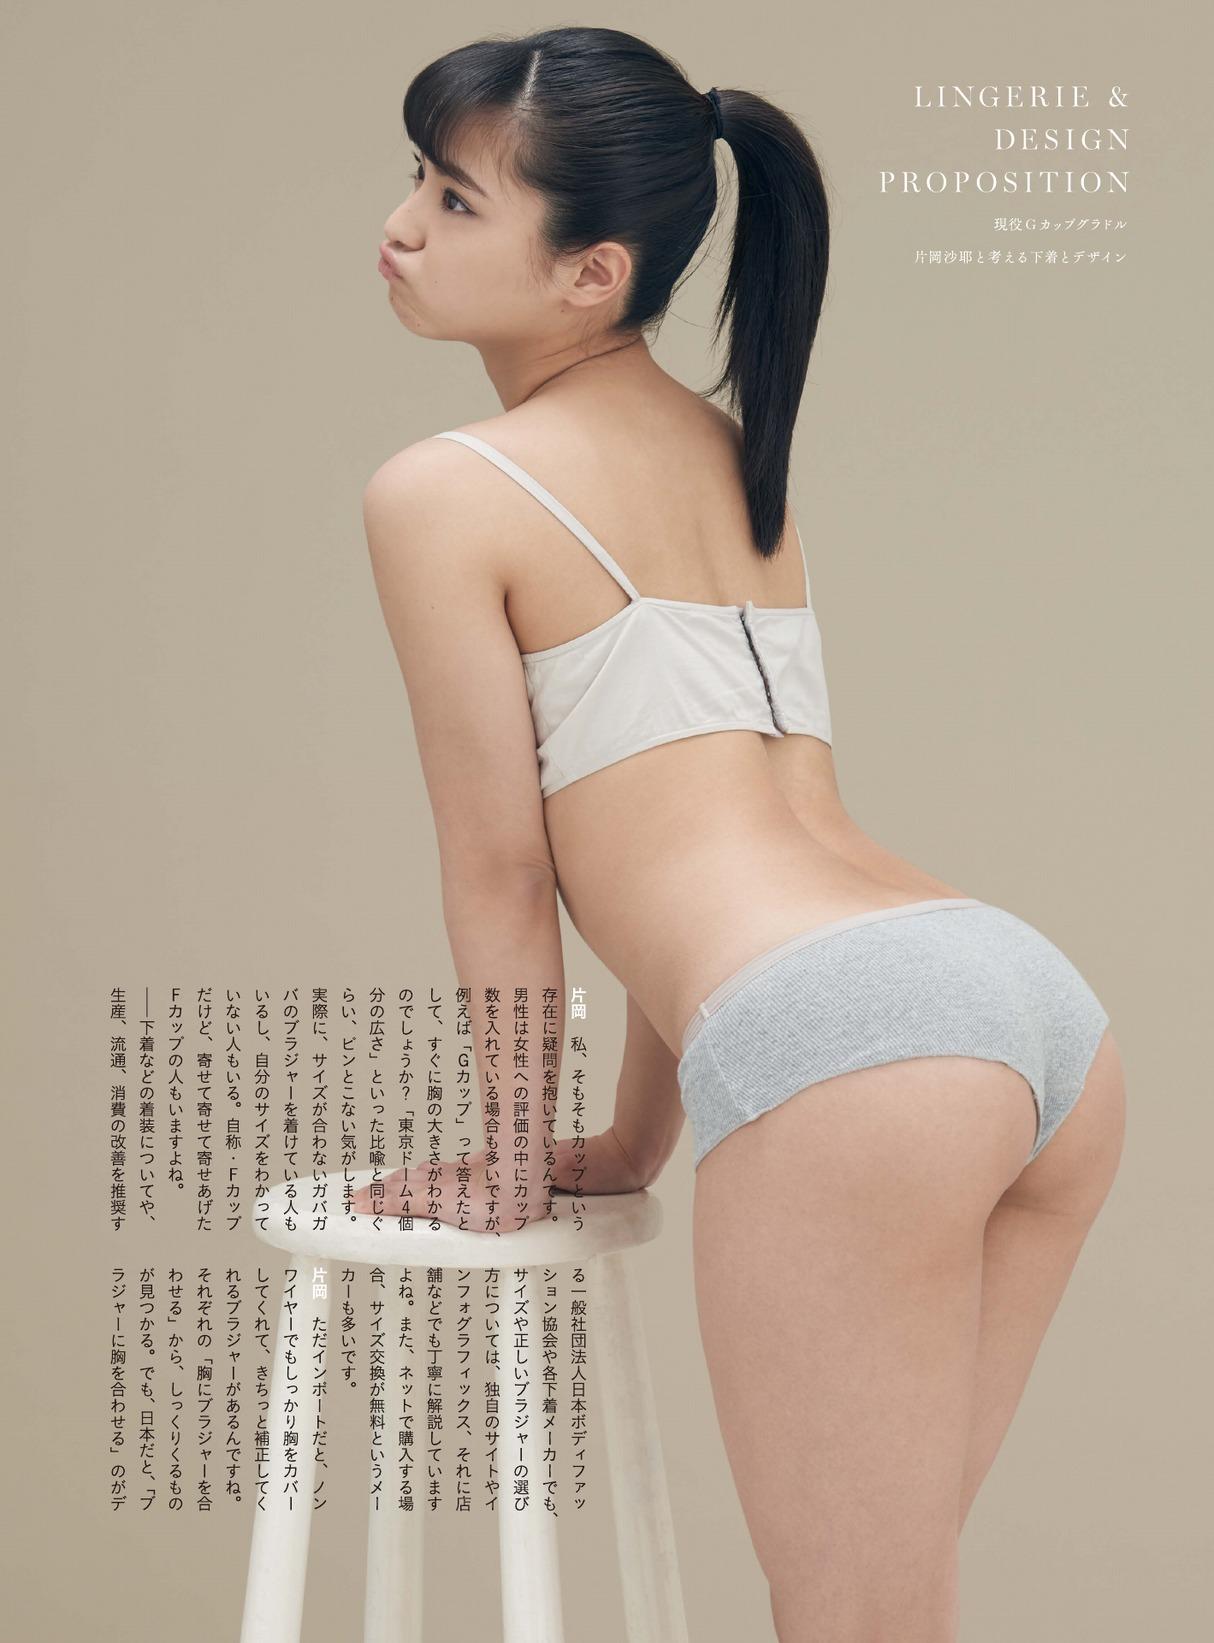 片岡沙耶さんのインナー姿